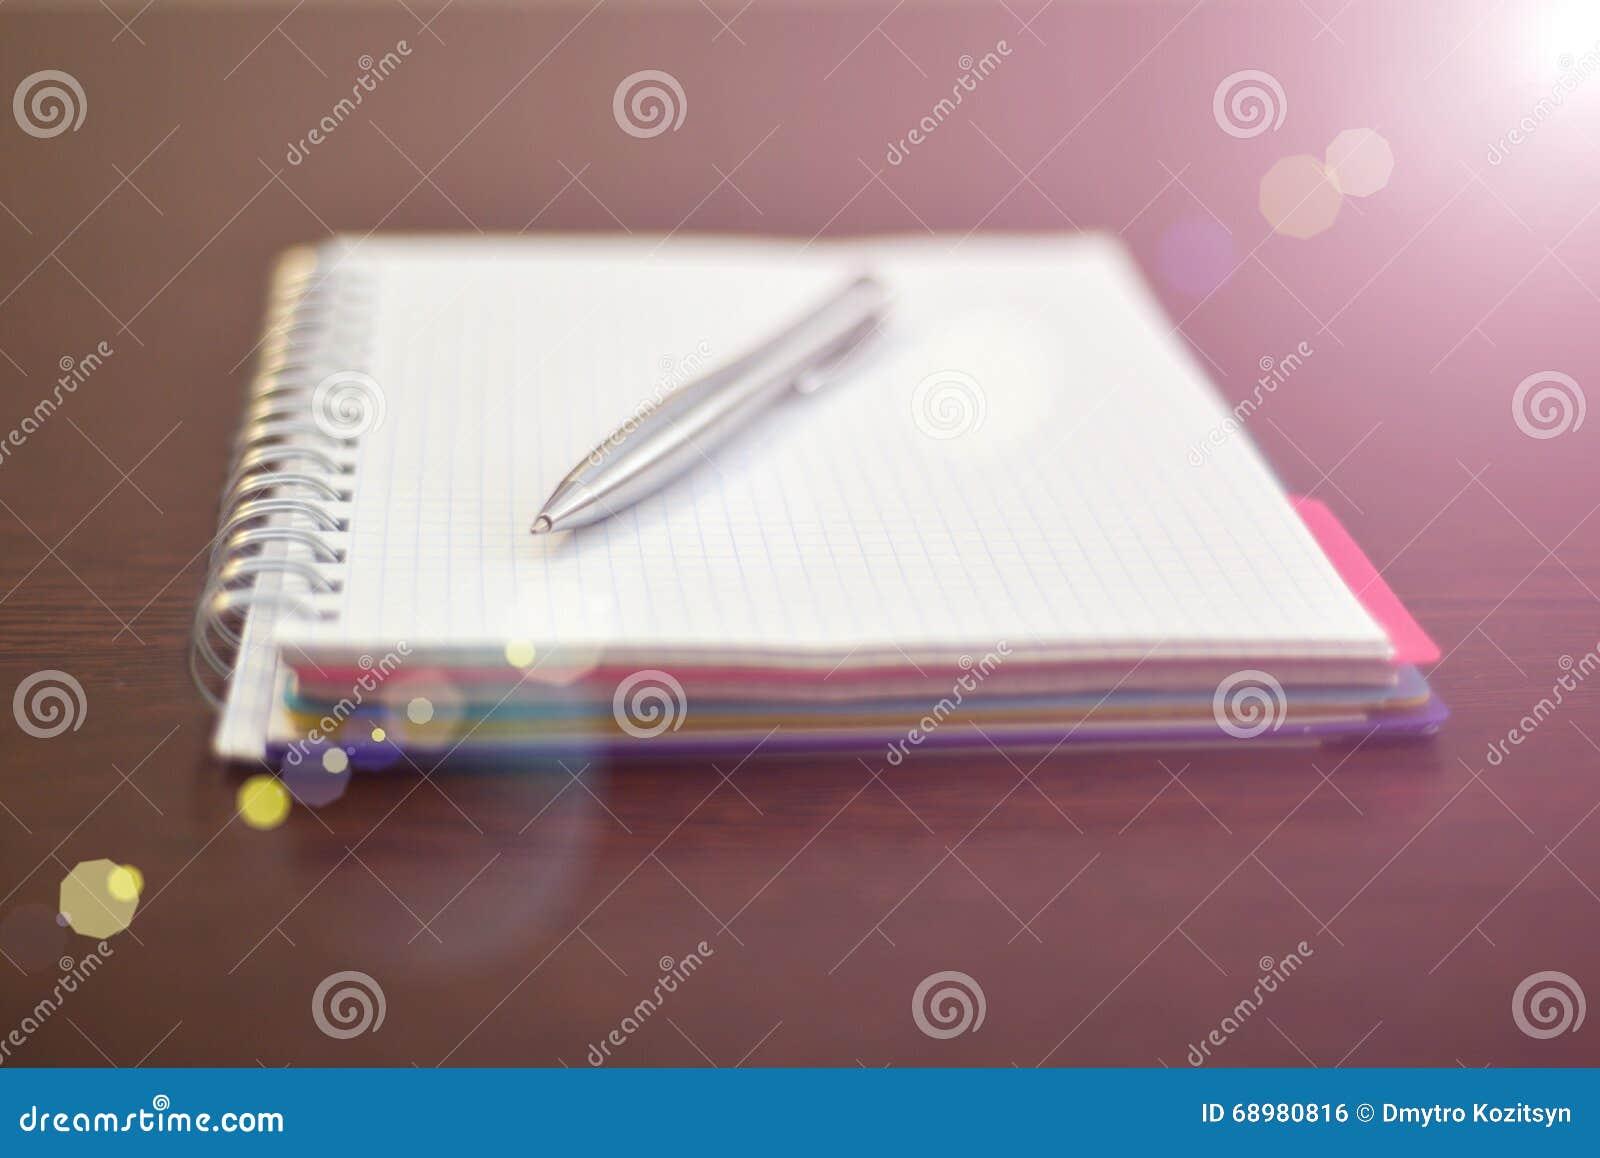 Μάνδρα σημειωματάριων και χάλυβα στον πίνακα με το φως του ήλιου